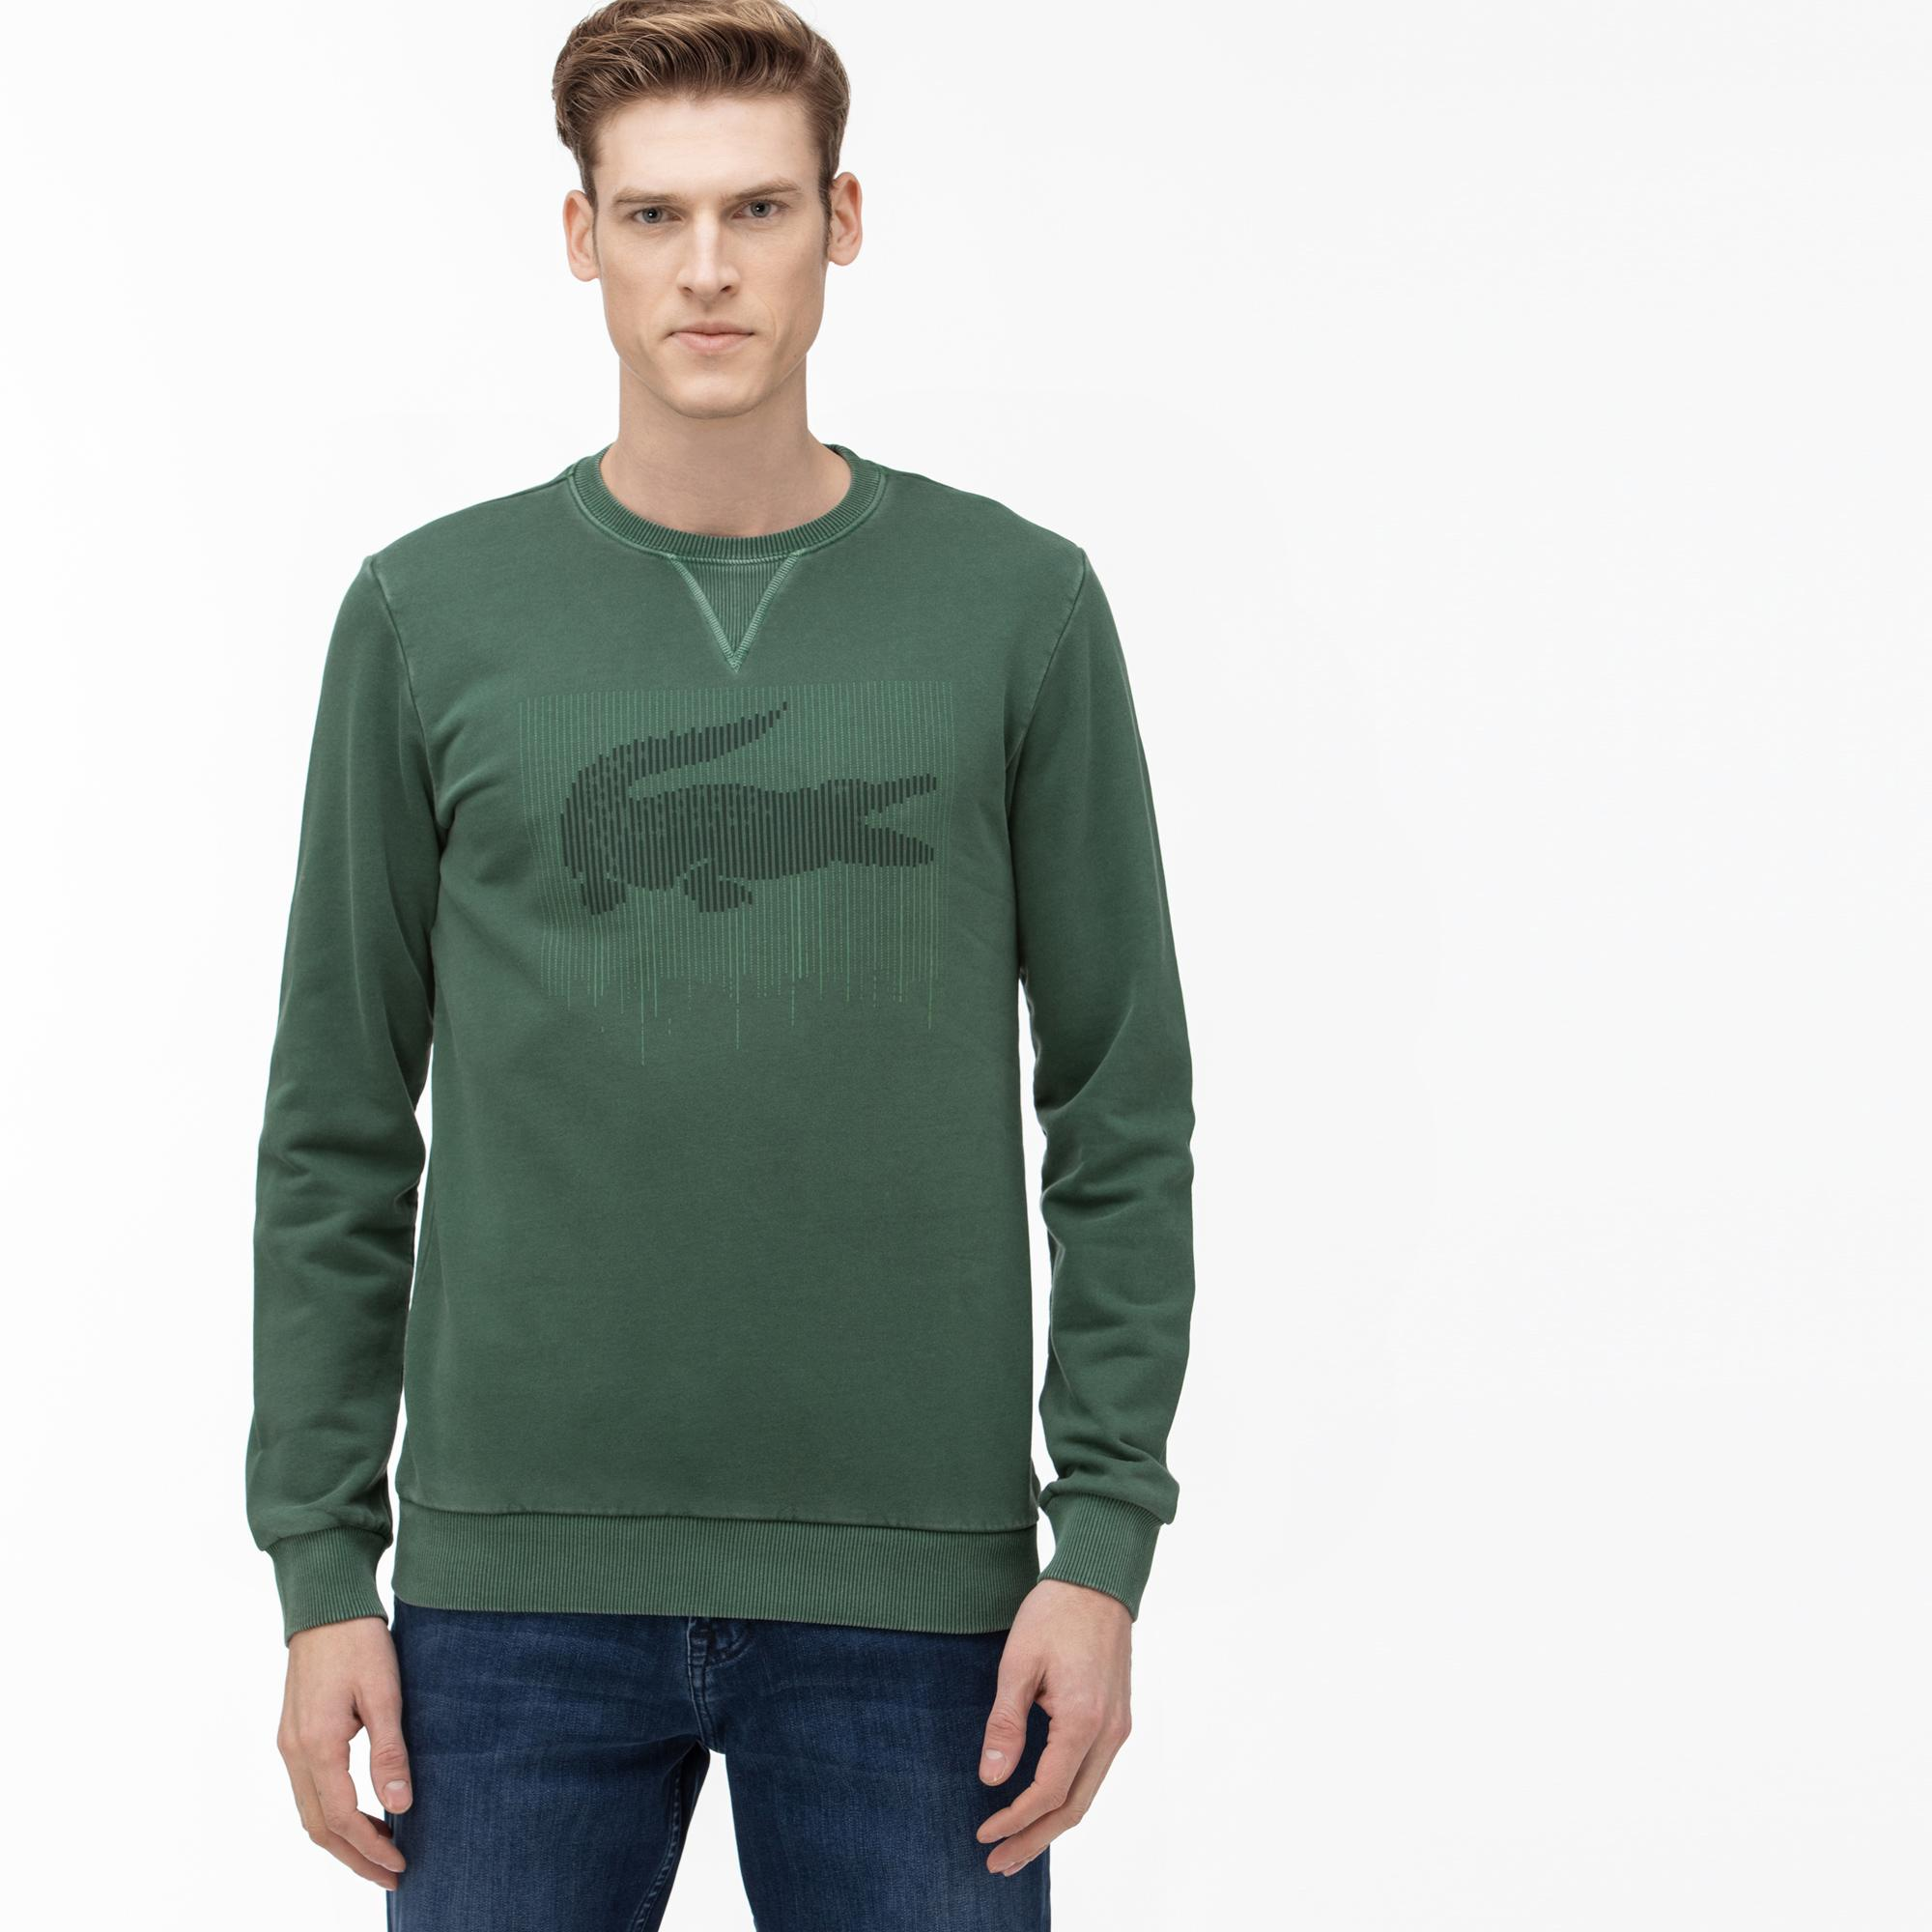 Lacoste Erkek Bisiklet Yaka Baskılı Yeşil Sweatshirt